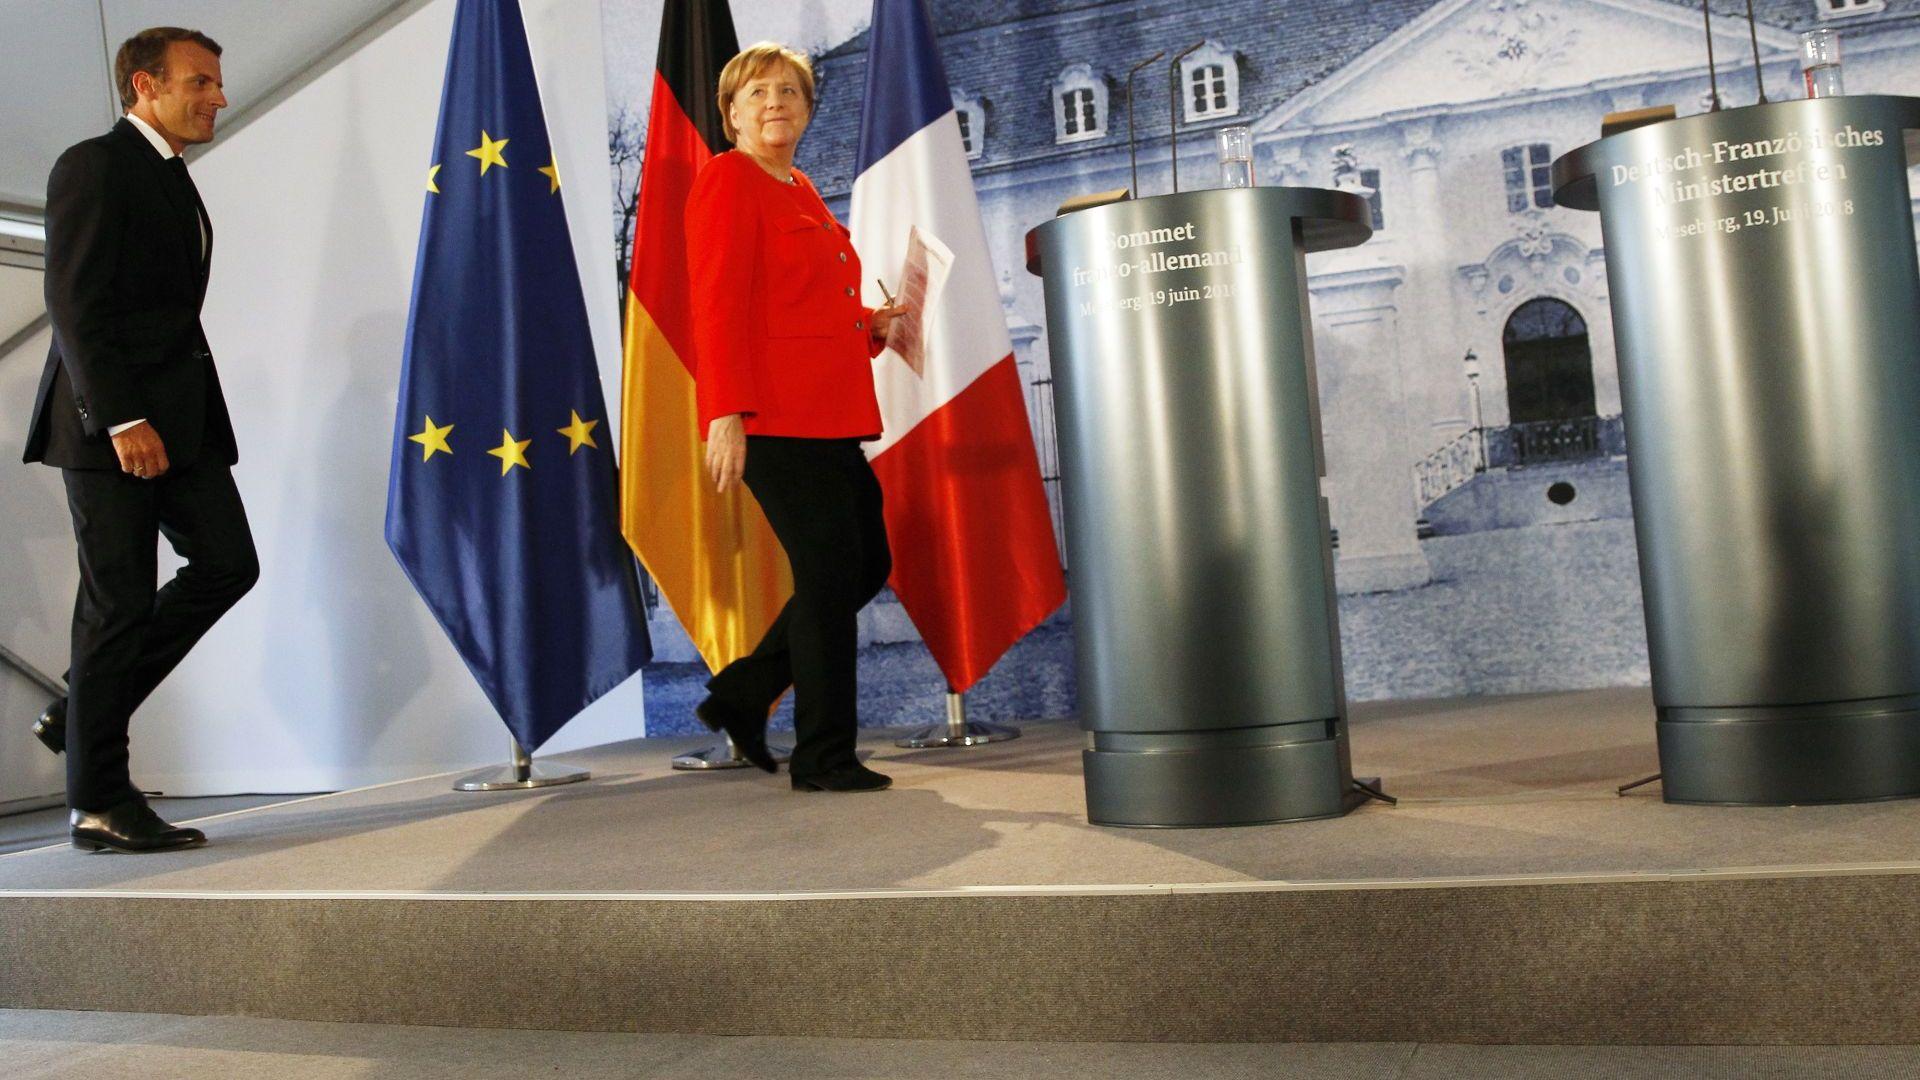 Сключеният между Франция и Германия договор за приятелство е събитие,